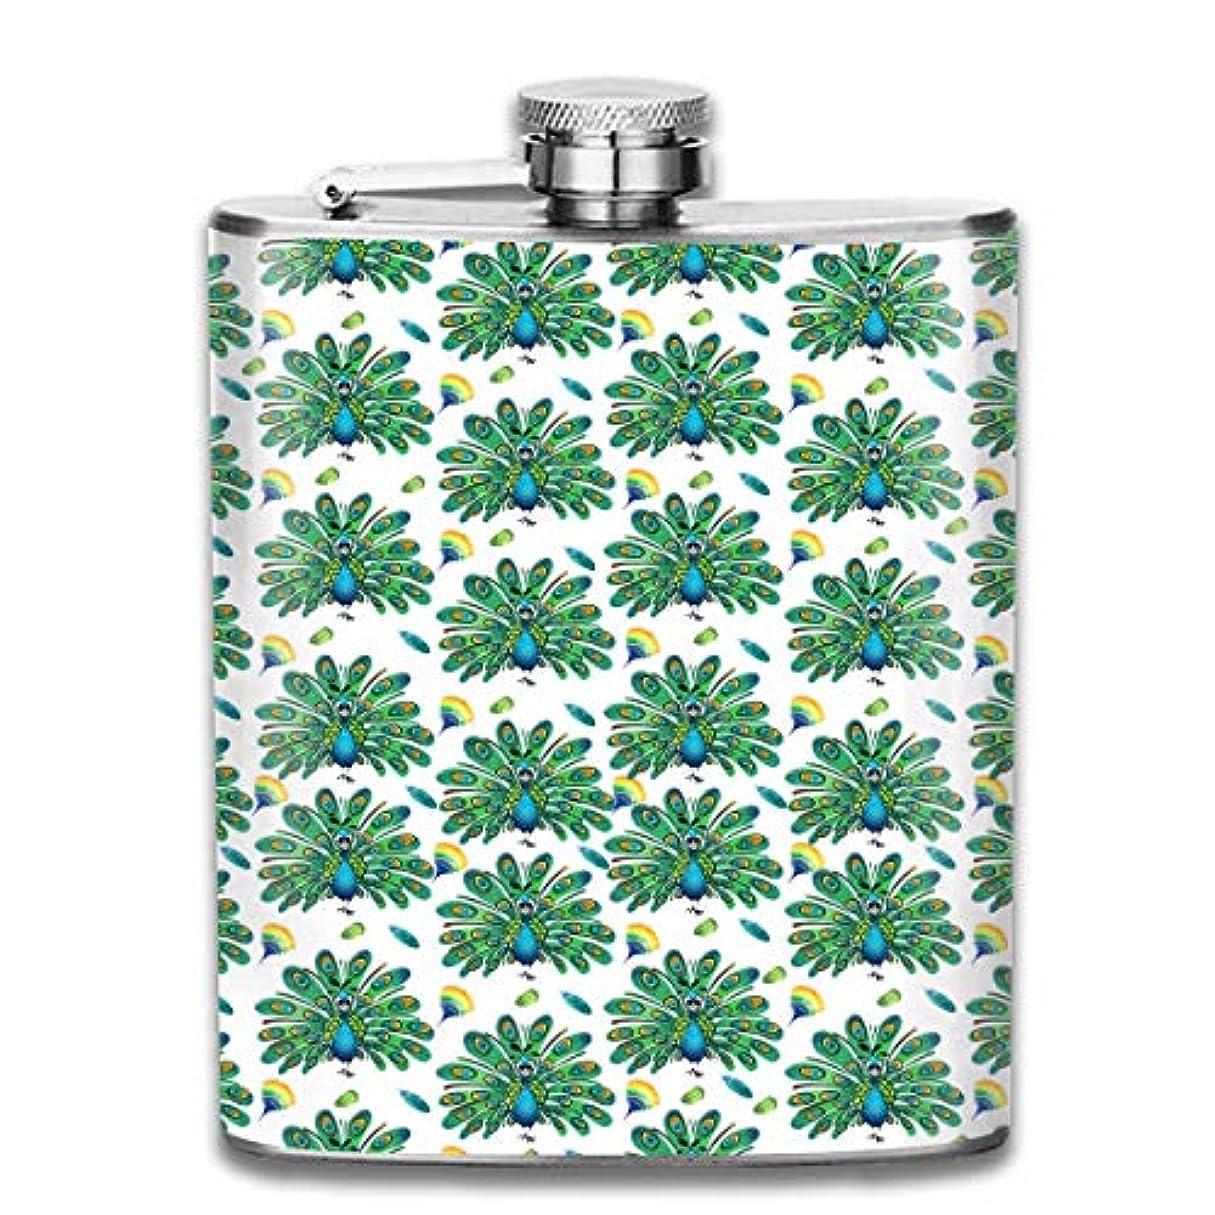 アリスフィードバック角度孔雀フラスコ スキットル ヒップフラスコ 7オンス 206ml 高品質ステンレス製 ウイスキー アルコール 清酒 携帯 ボトル